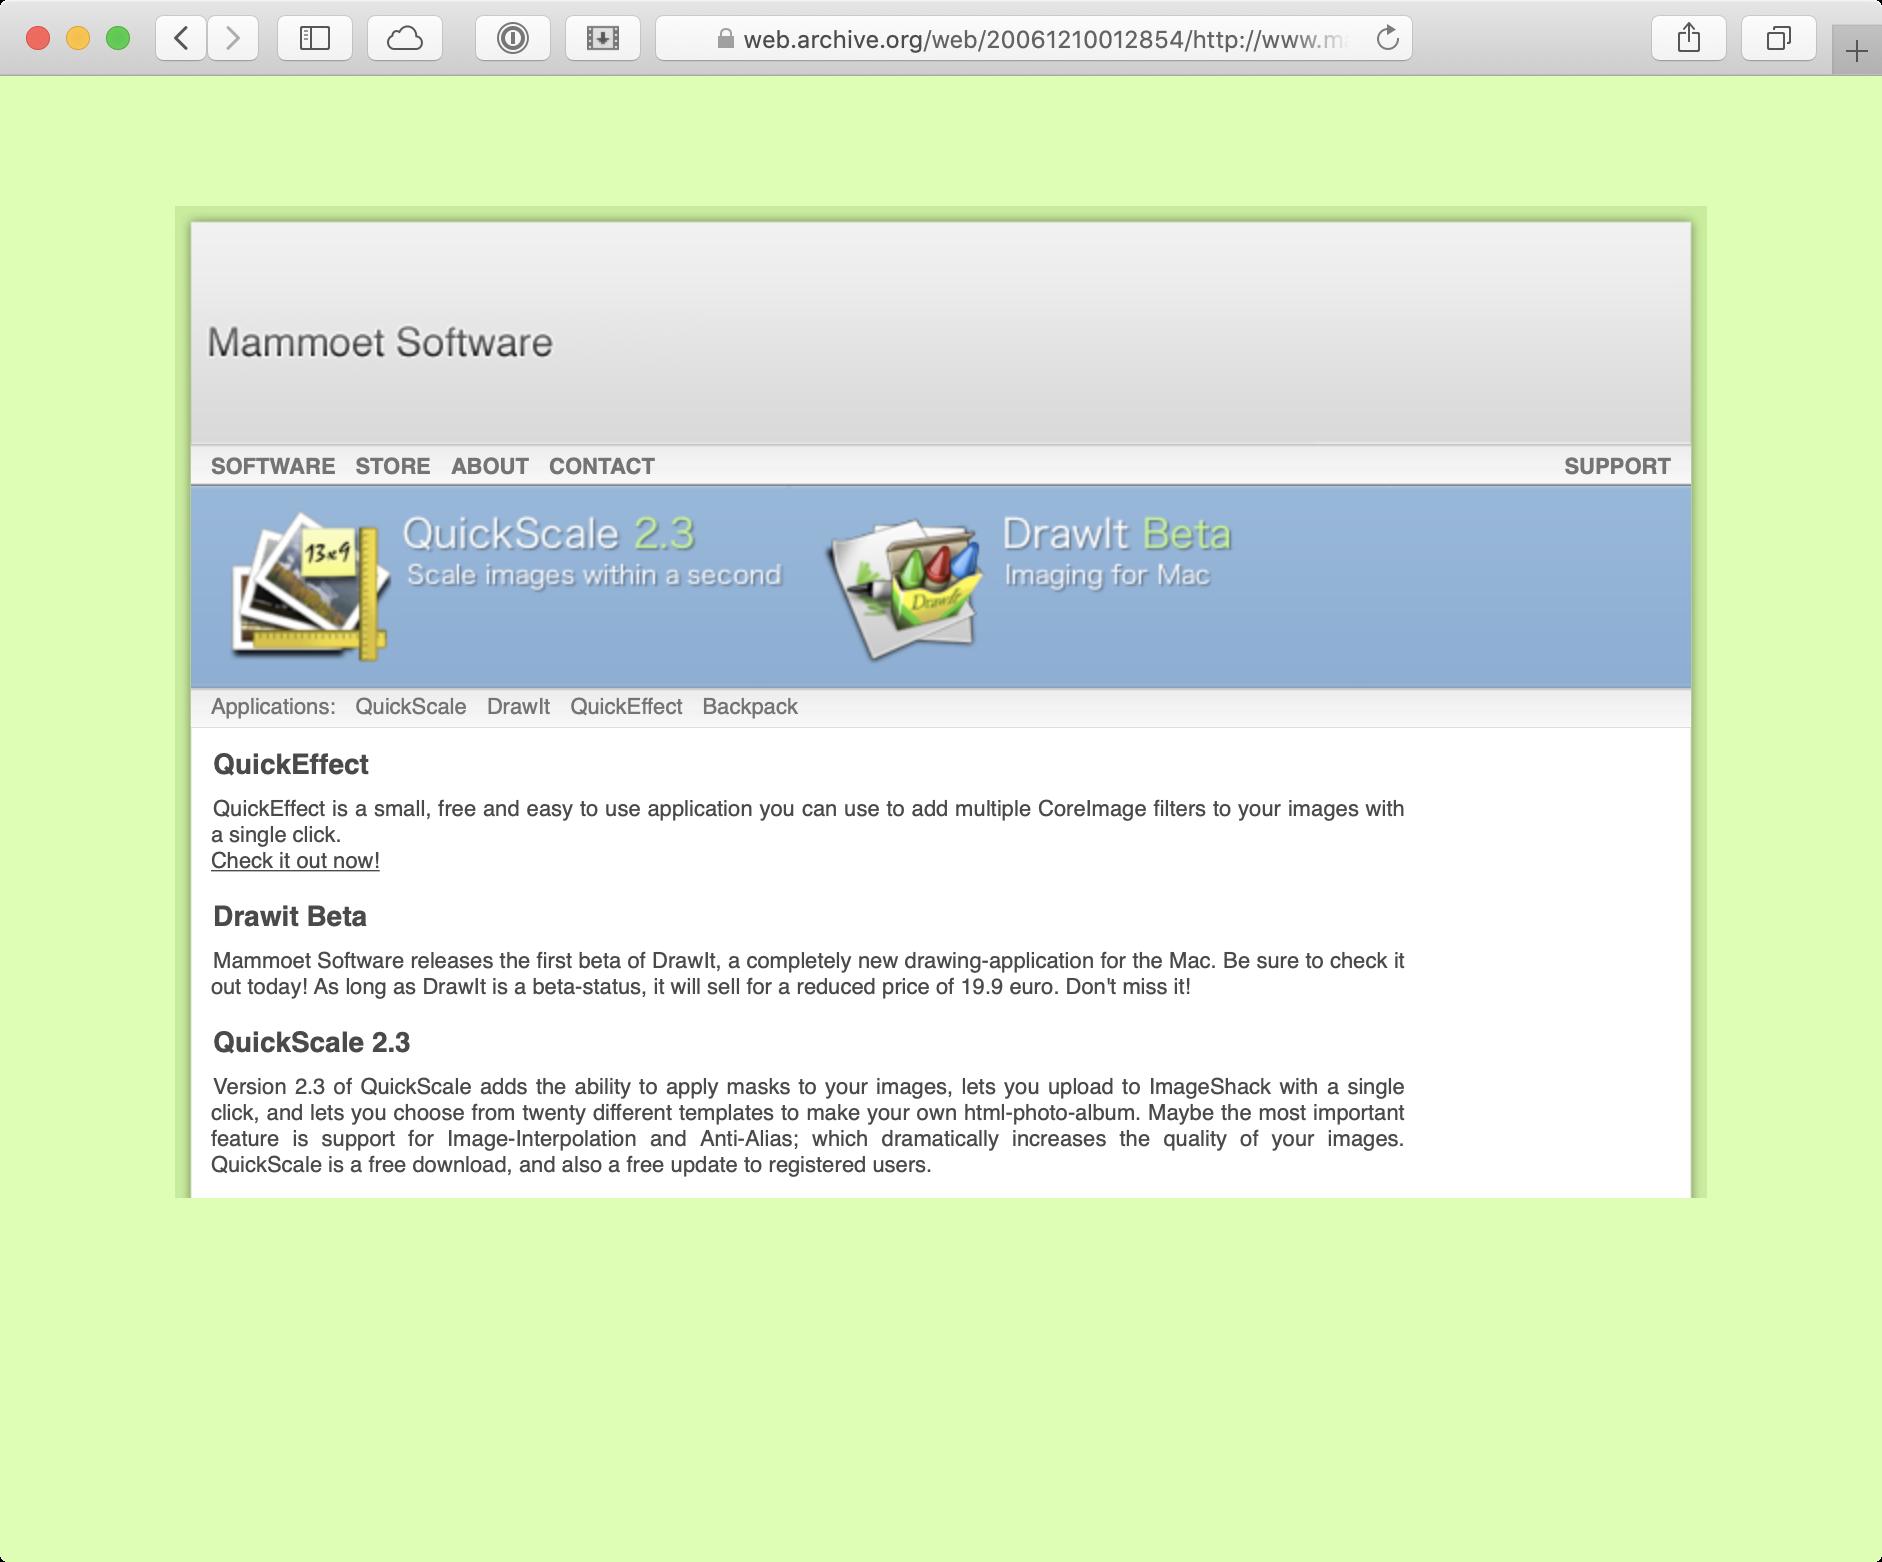 Website Mammoet Software 2006